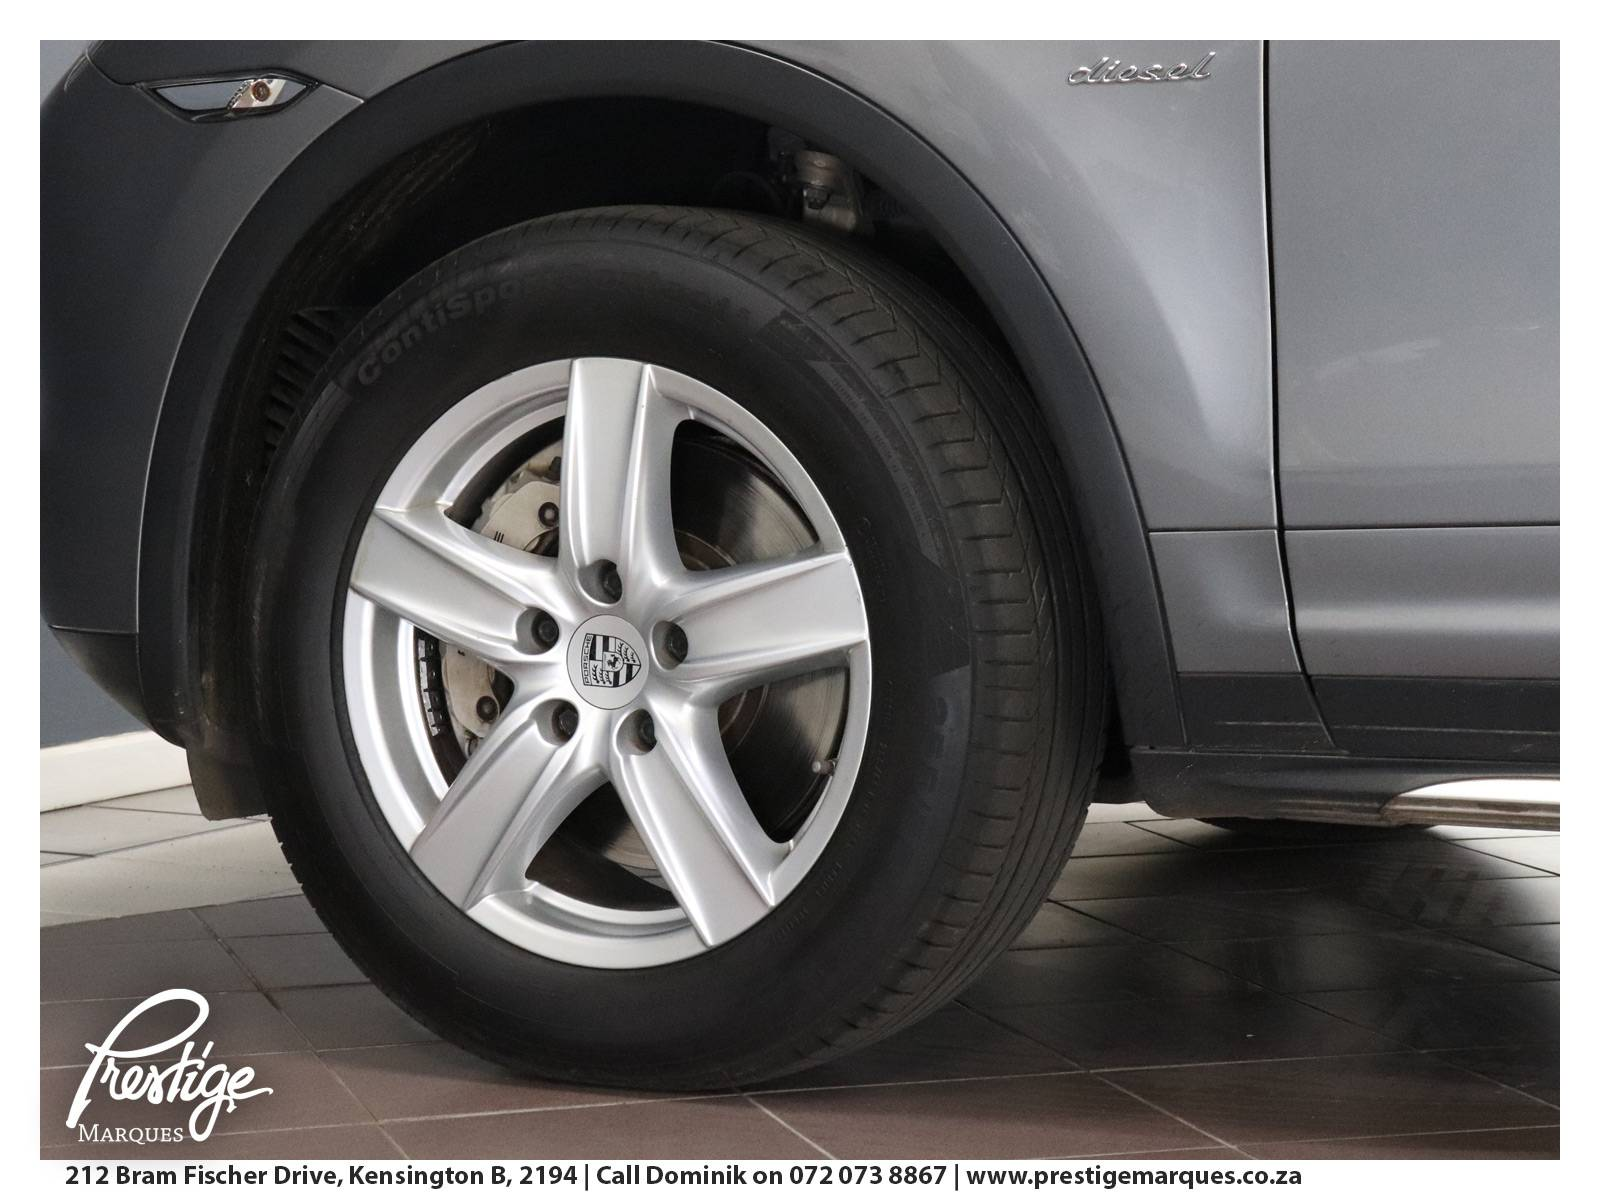 2013-Porsche-Cayenne-Prestige-Marques-Randburg-Sandton-9c